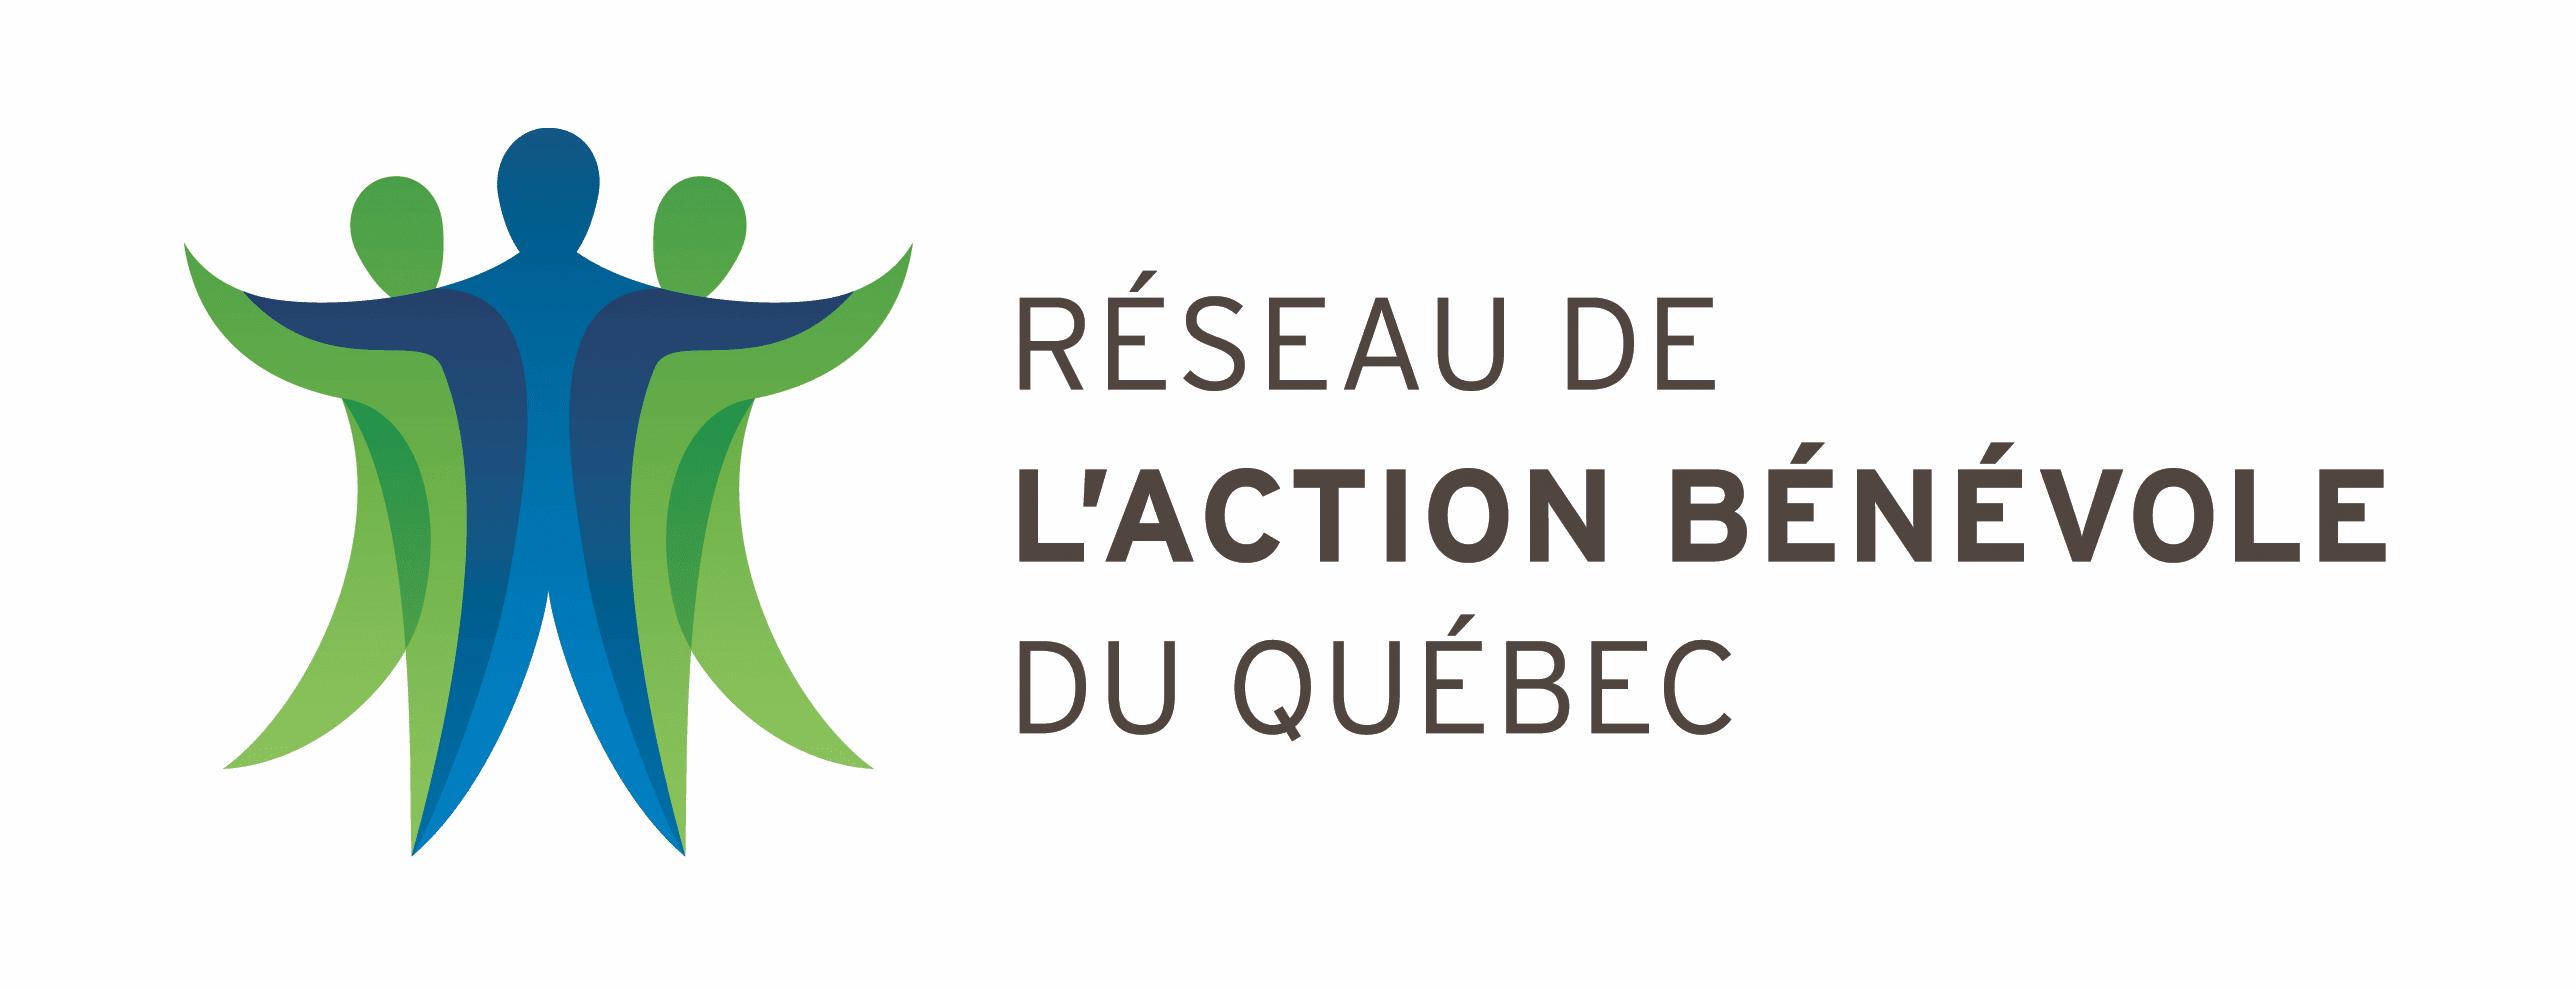 Réseau de l'Action Bénévole du Québec